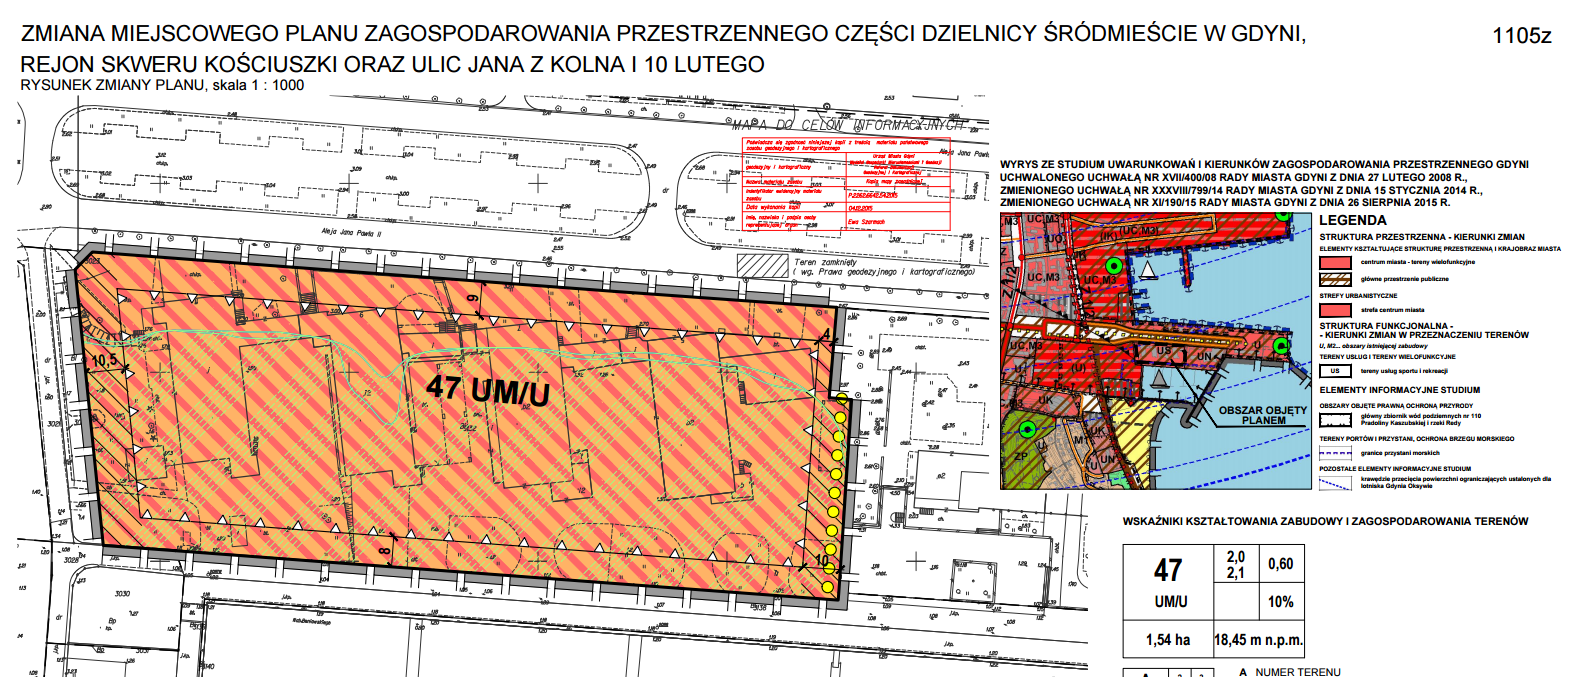 Załącznik graficzny do zmienionego planu miejscowego w rejonie Skweru Kościuszki / gdynia.pl